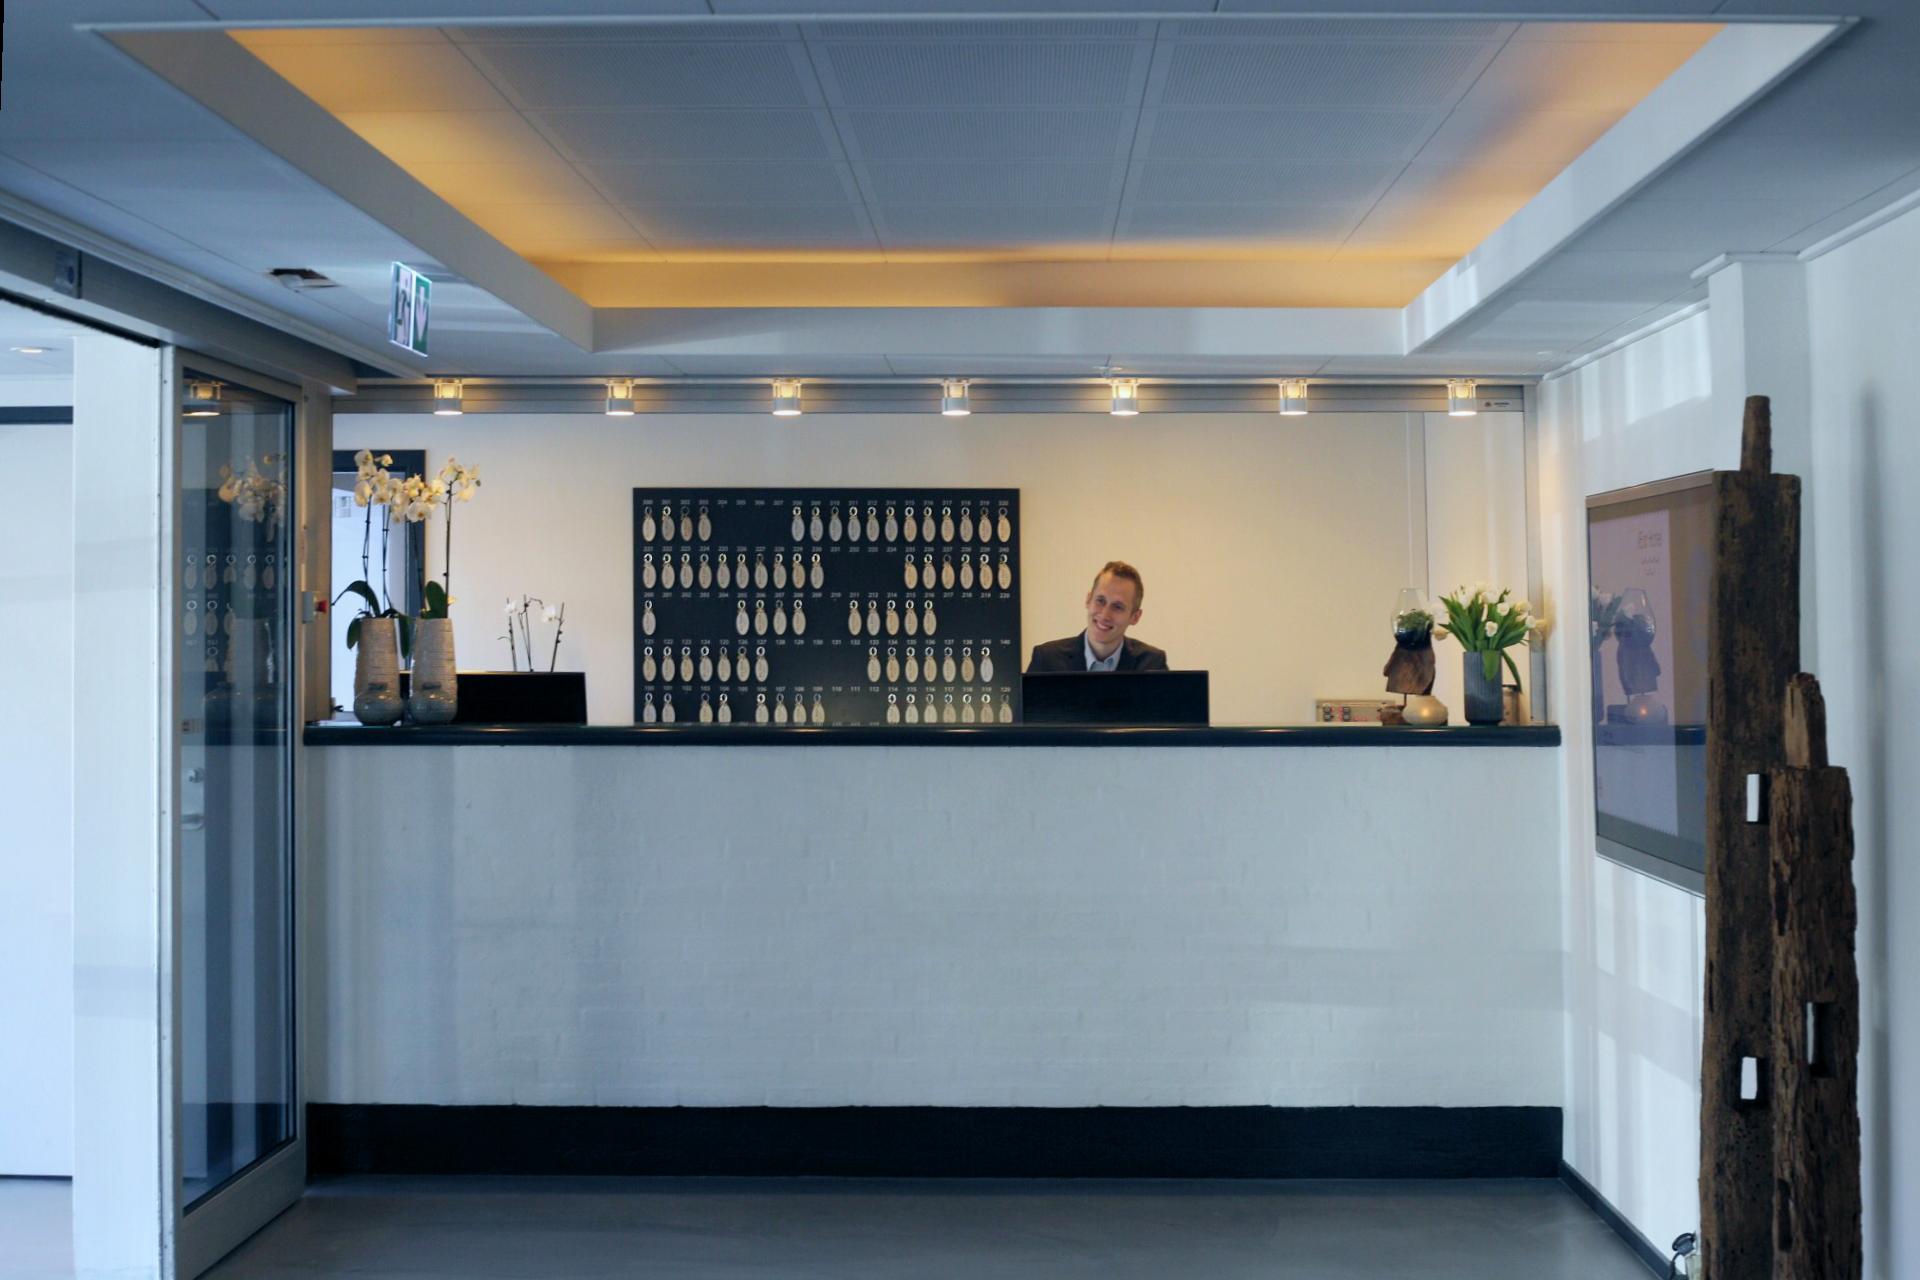 Fra årsskiftet sænker Ærø Hotel aldersgrænsen, så gæsterne skal være mindst 16 år. Foto: Ærø Hotel.